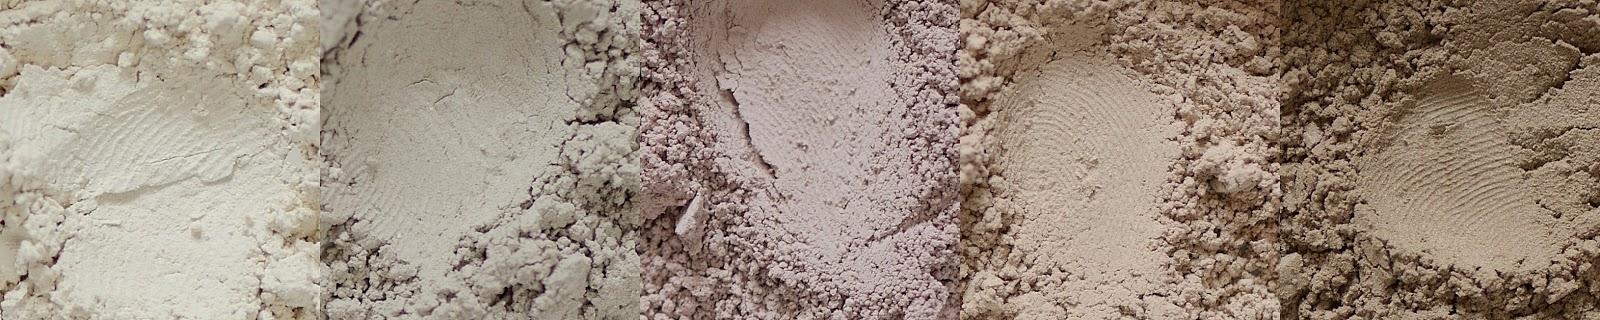 annabelle minerals cienie glinkowe soft coctail almond milk white coffee milkshake frappe americano swatche jak wyglądają mineralne cienie